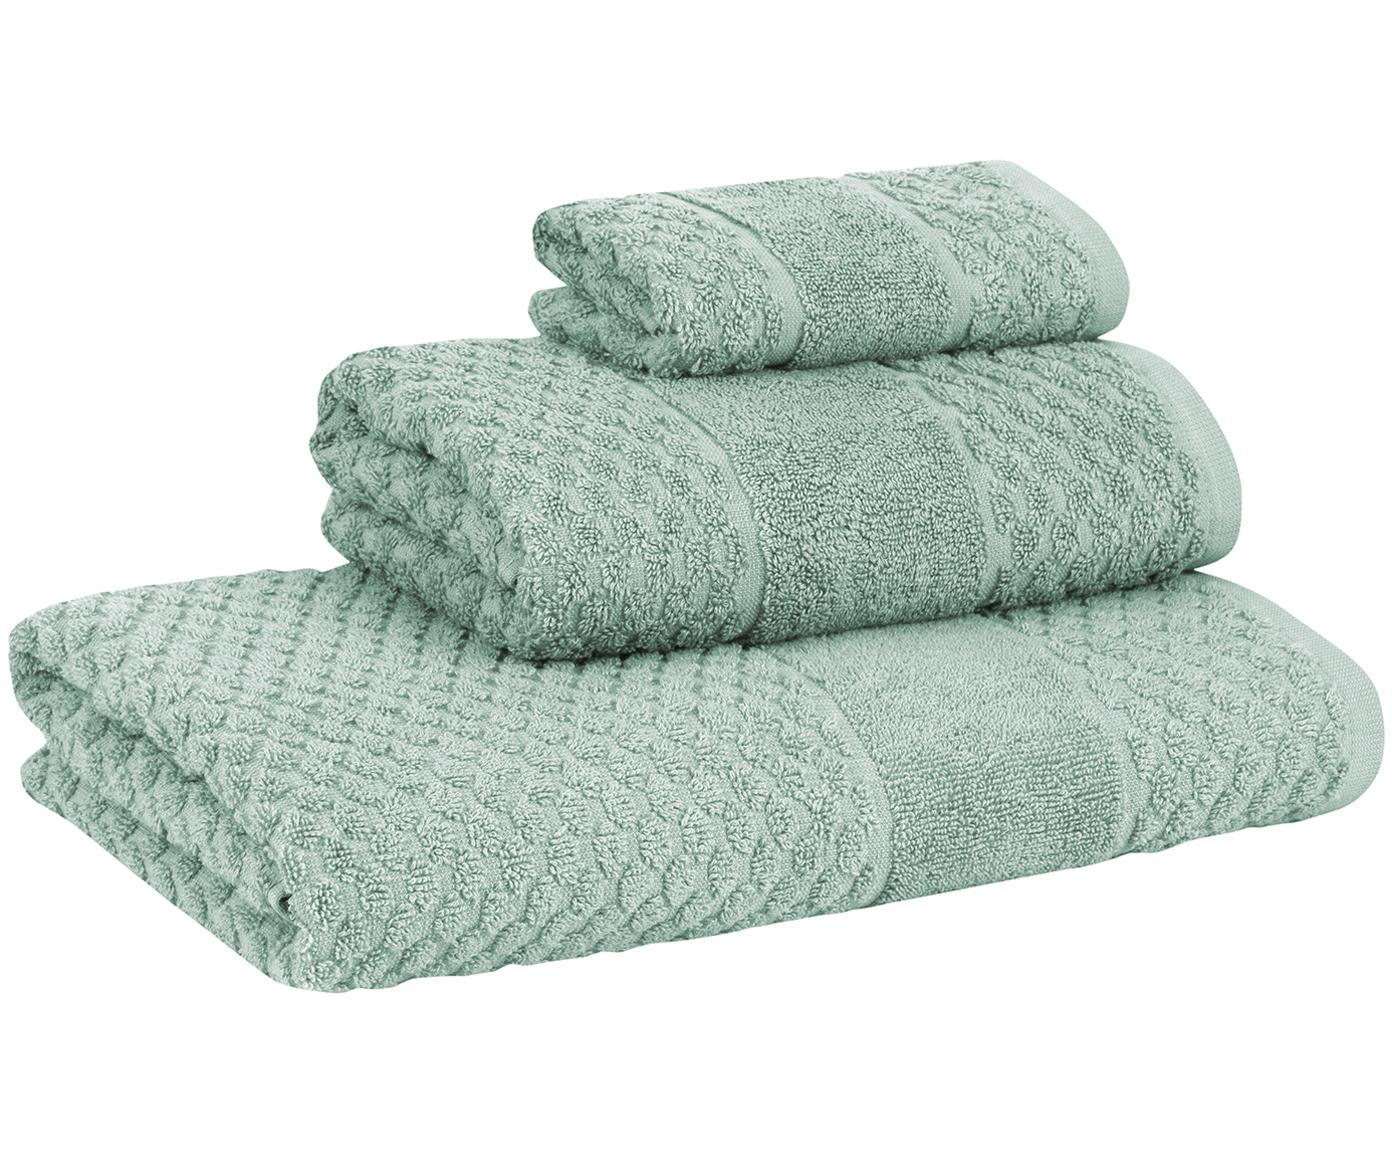 Komplet ręczników Katharina, 3 elem., Bawełna Średnia gramatura, 500g/m², Miętowy, Różne rozmiary